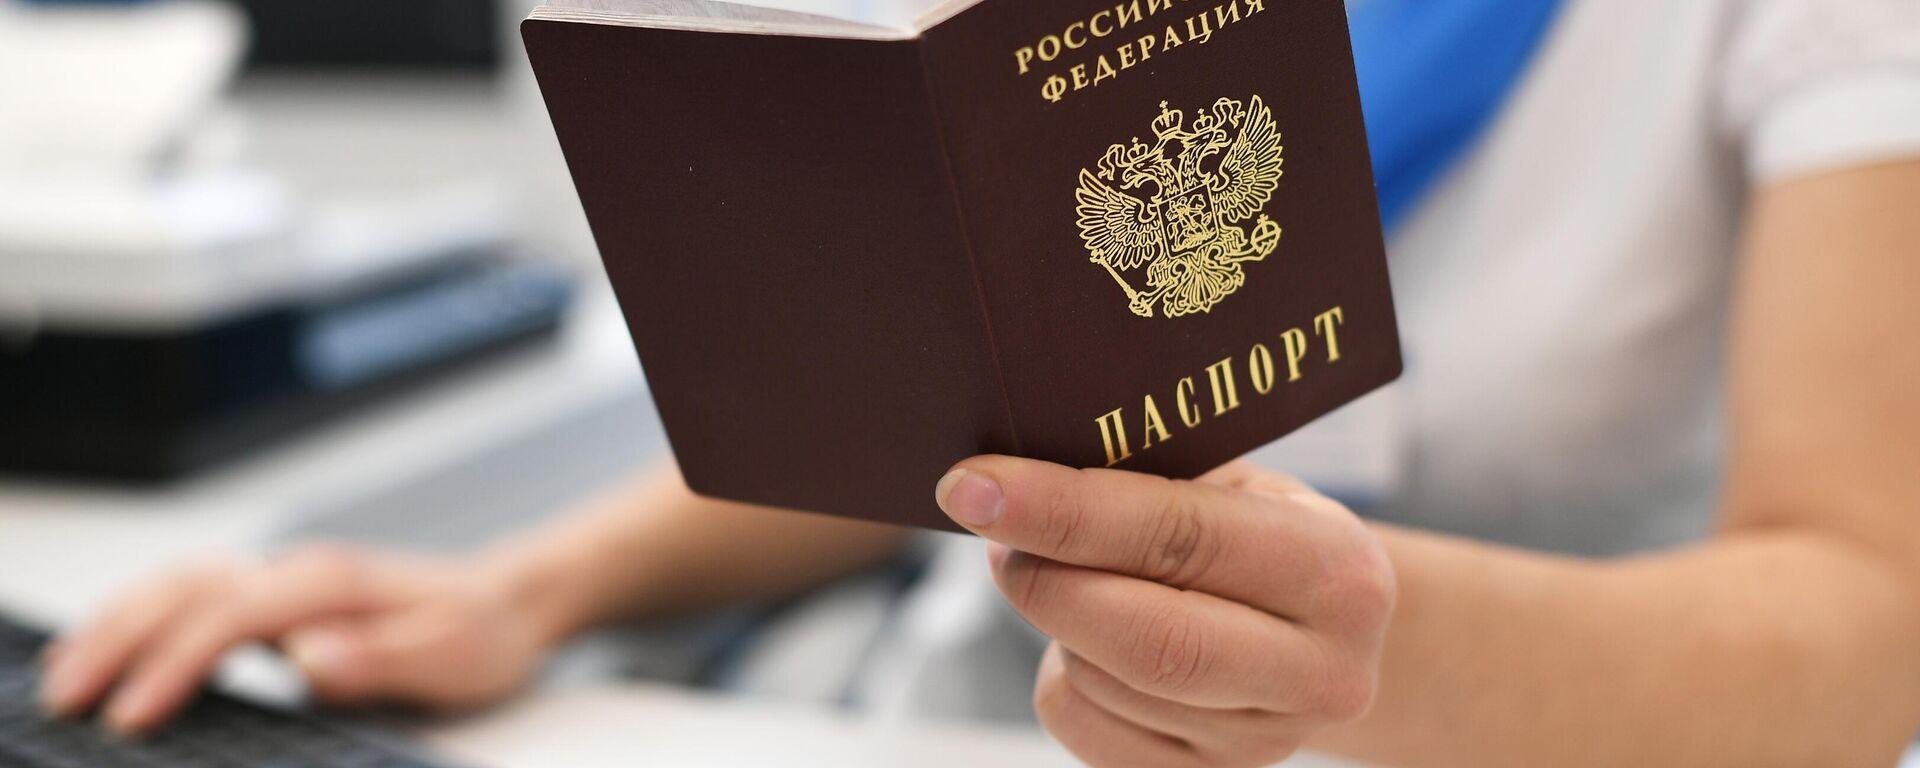 Паспорт Россия - Sputnik Ўзбекистон, 1920, 27.08.2021